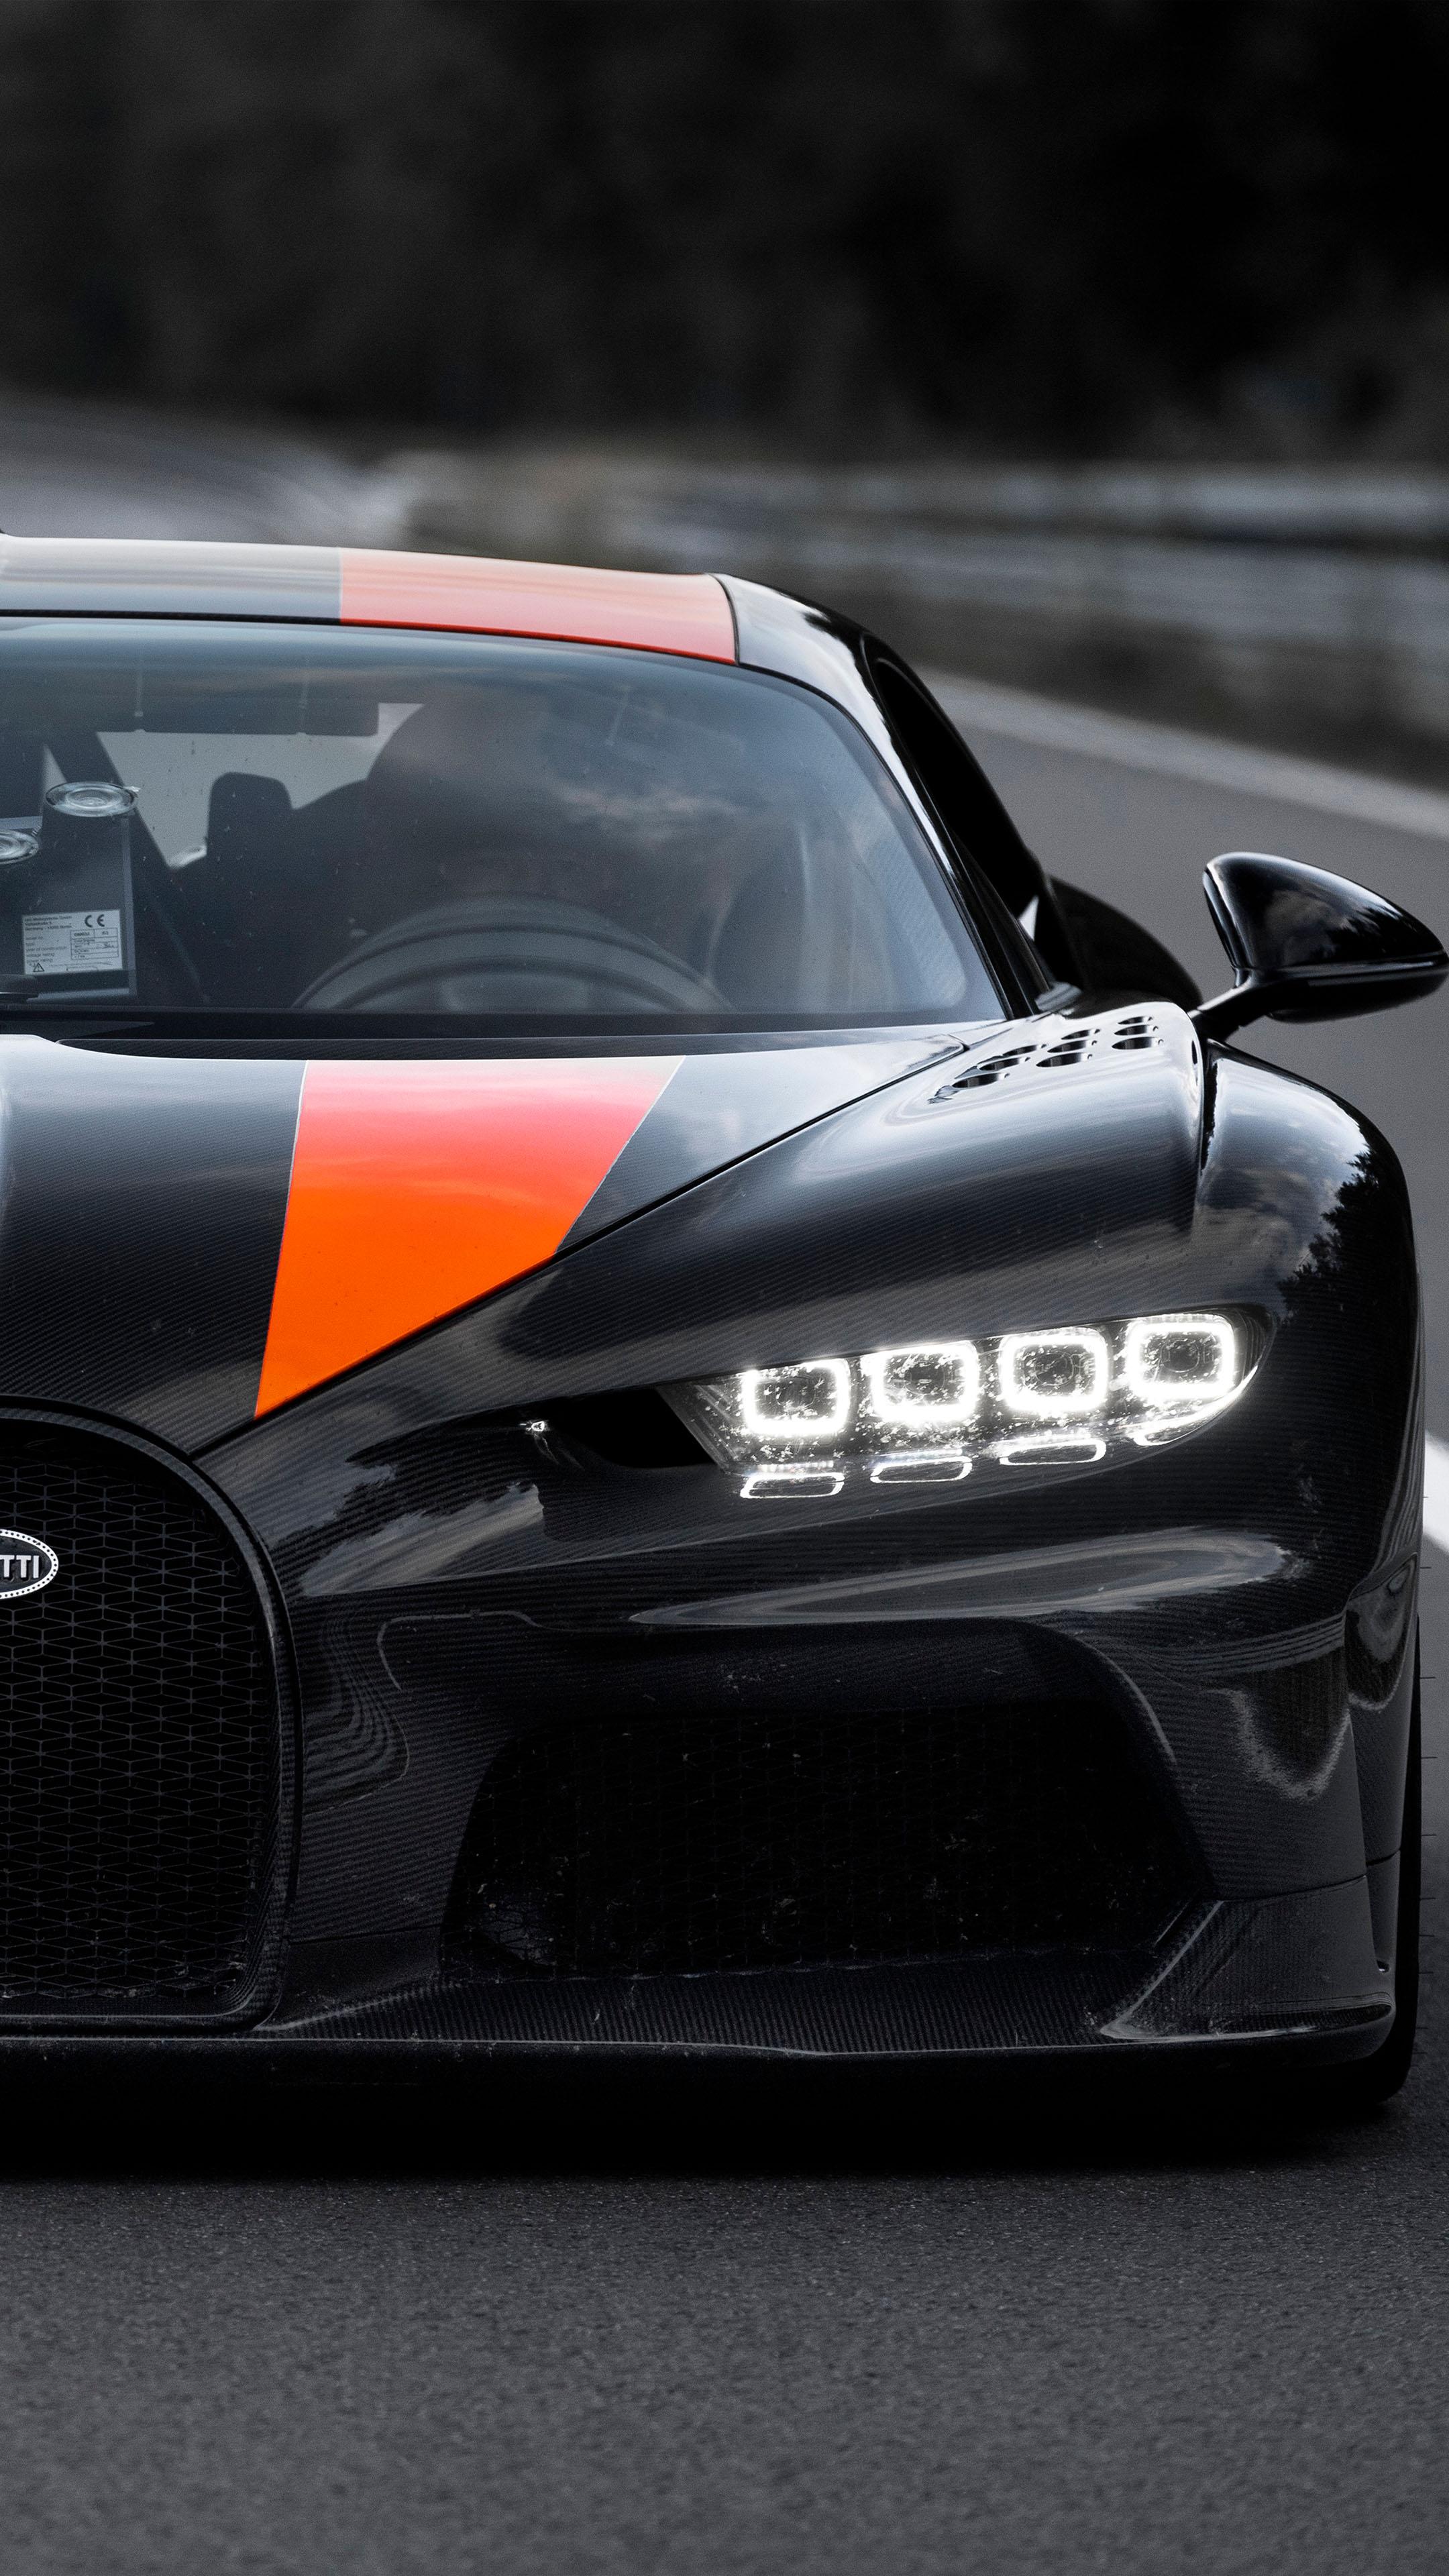 Bugatti Chiron Prototype 2019 Free 4K Ultra HD Mobile ...